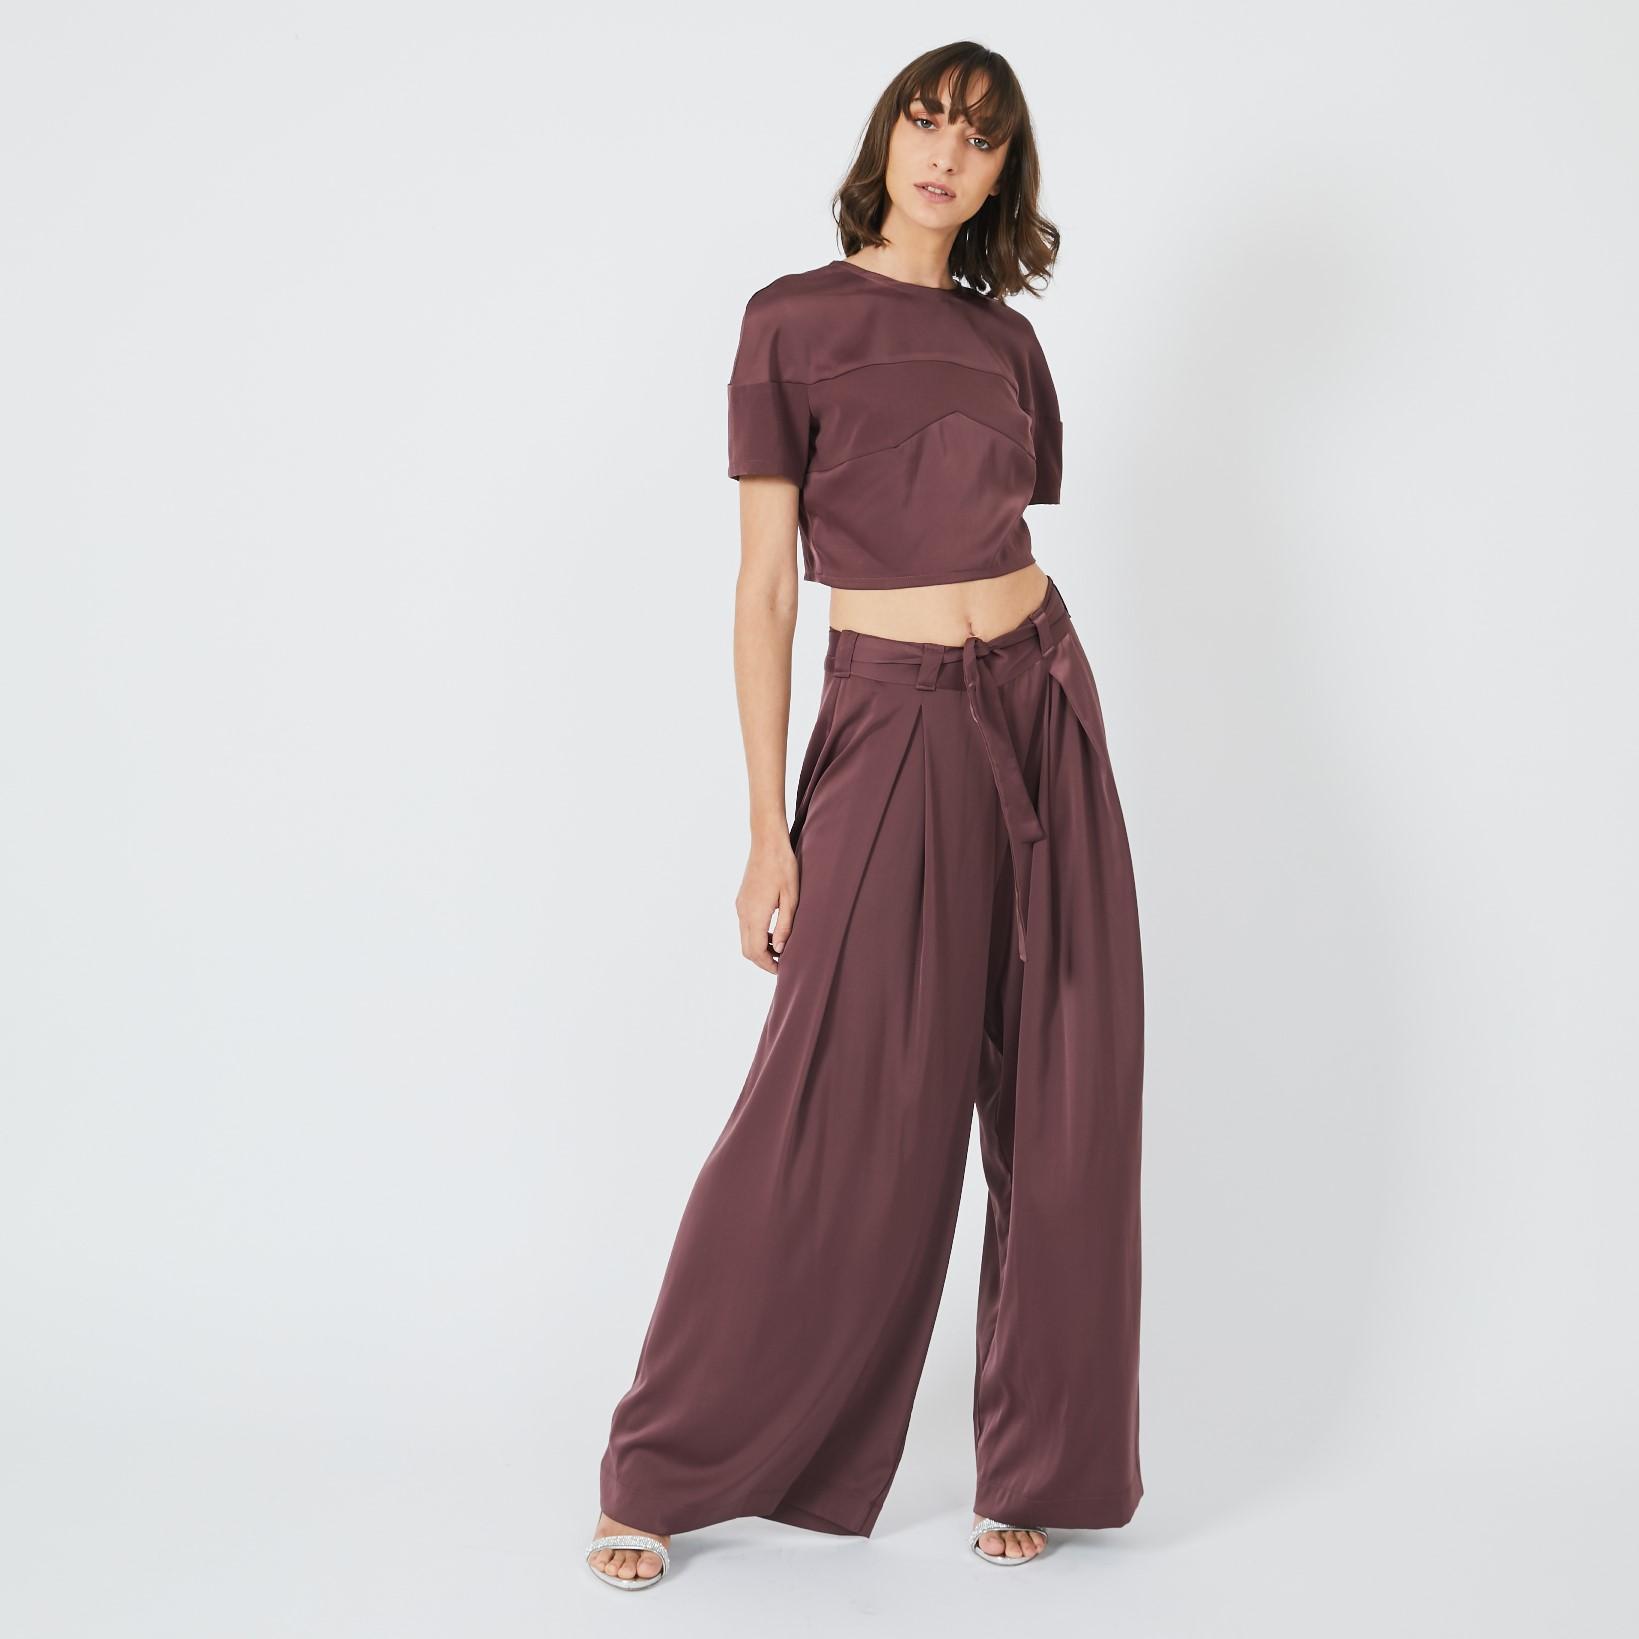 מכנס סטאי ארוך סגול שזיף